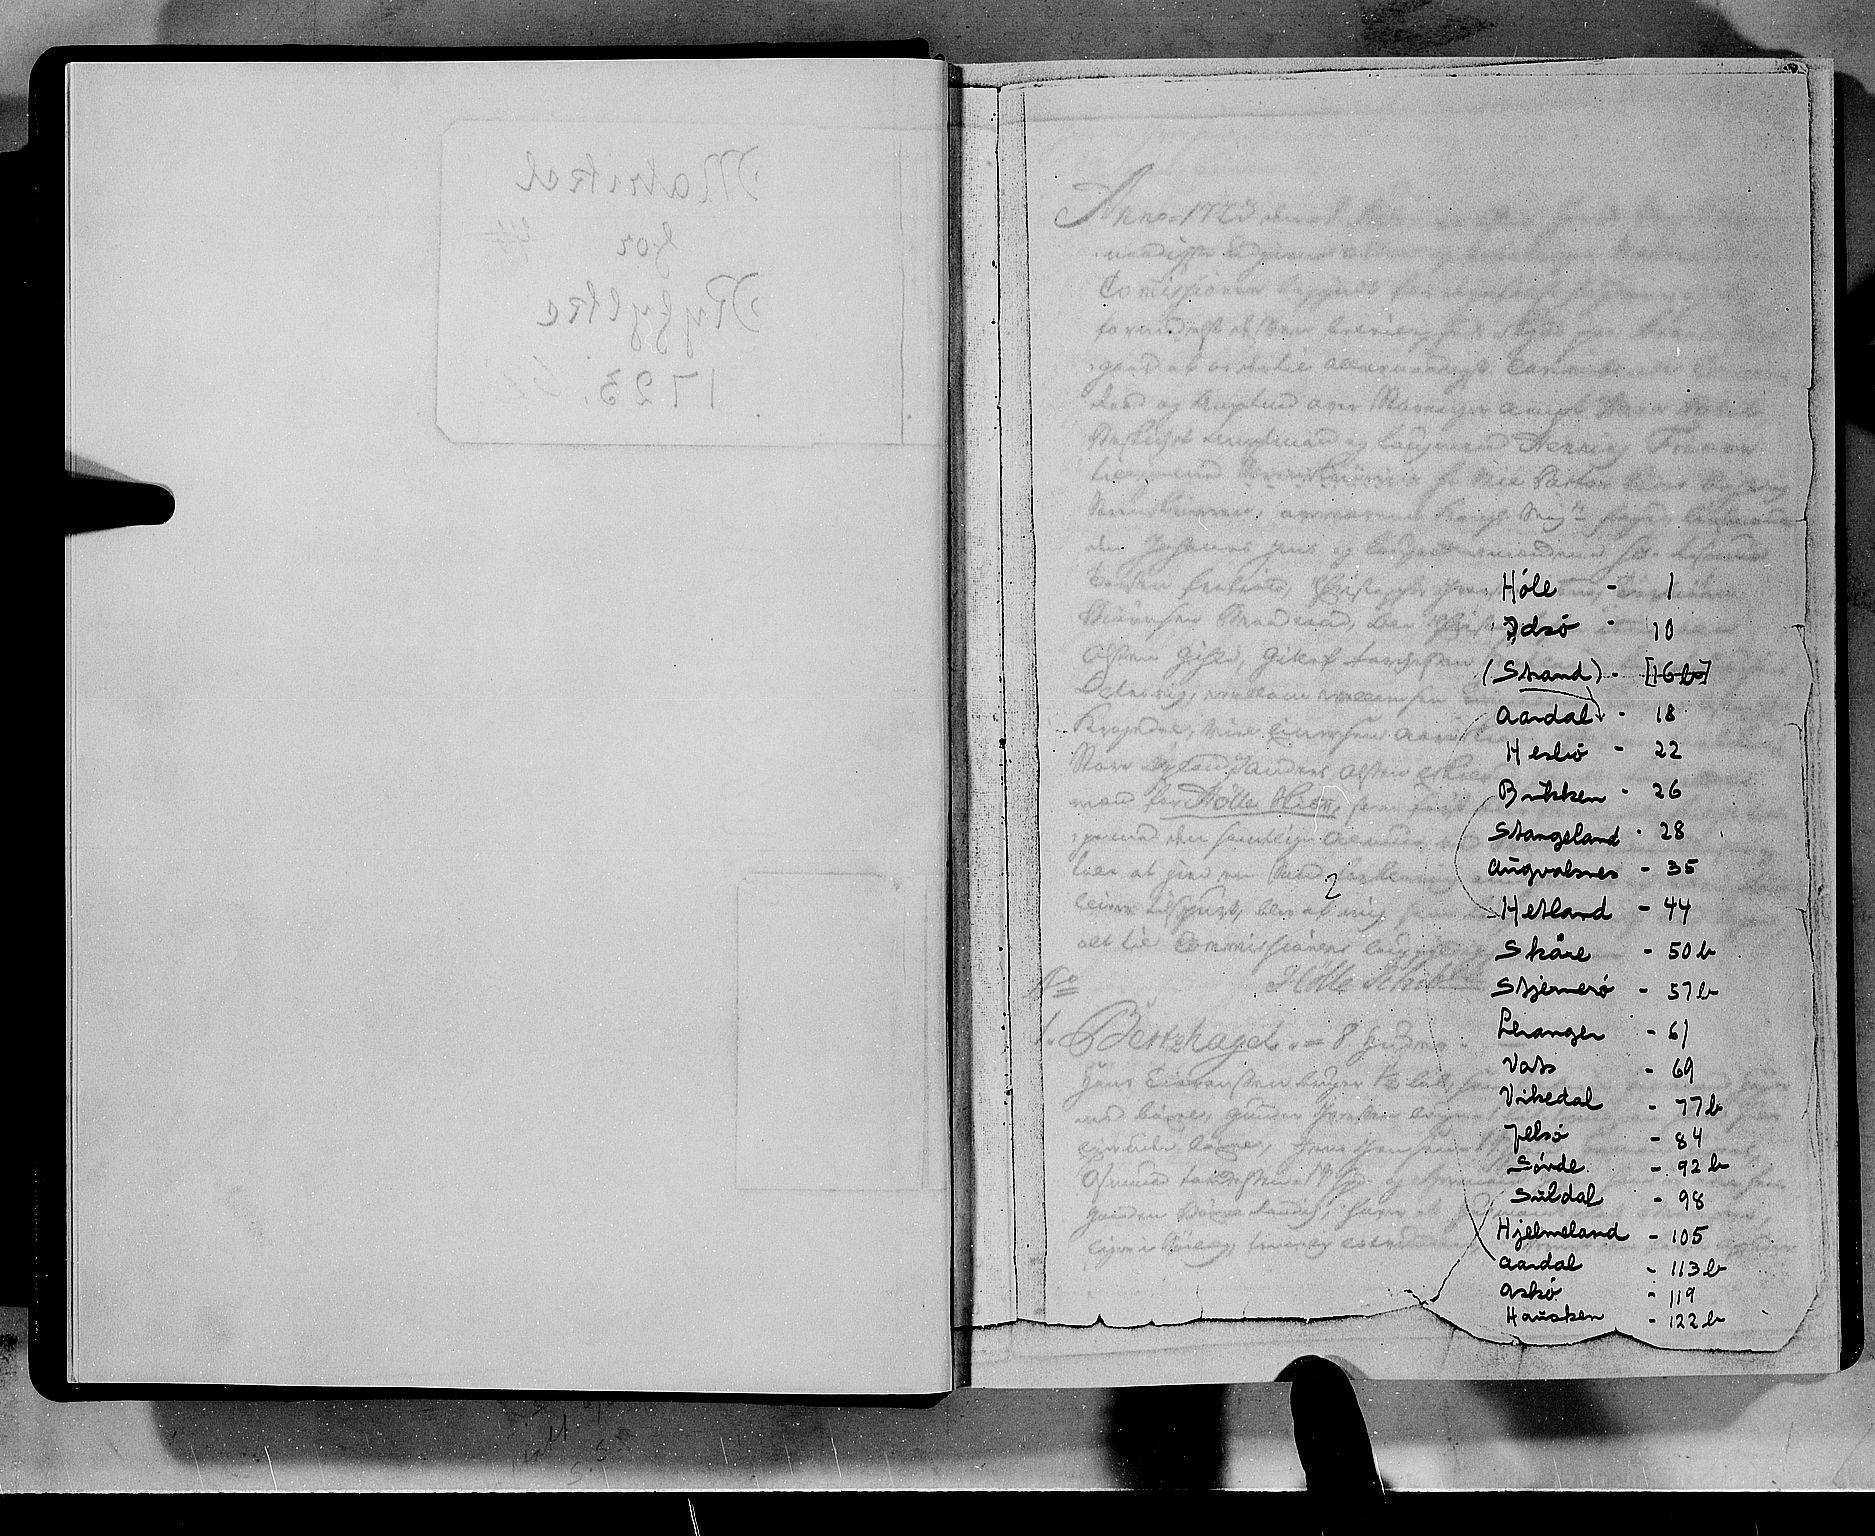 RA, Rentekammeret inntil 1814, Realistisk ordnet avdeling, N/Nb/Nbf/L0133a: Ryfylke eksaminasjonsprotokoll, 1723, s. upaginert